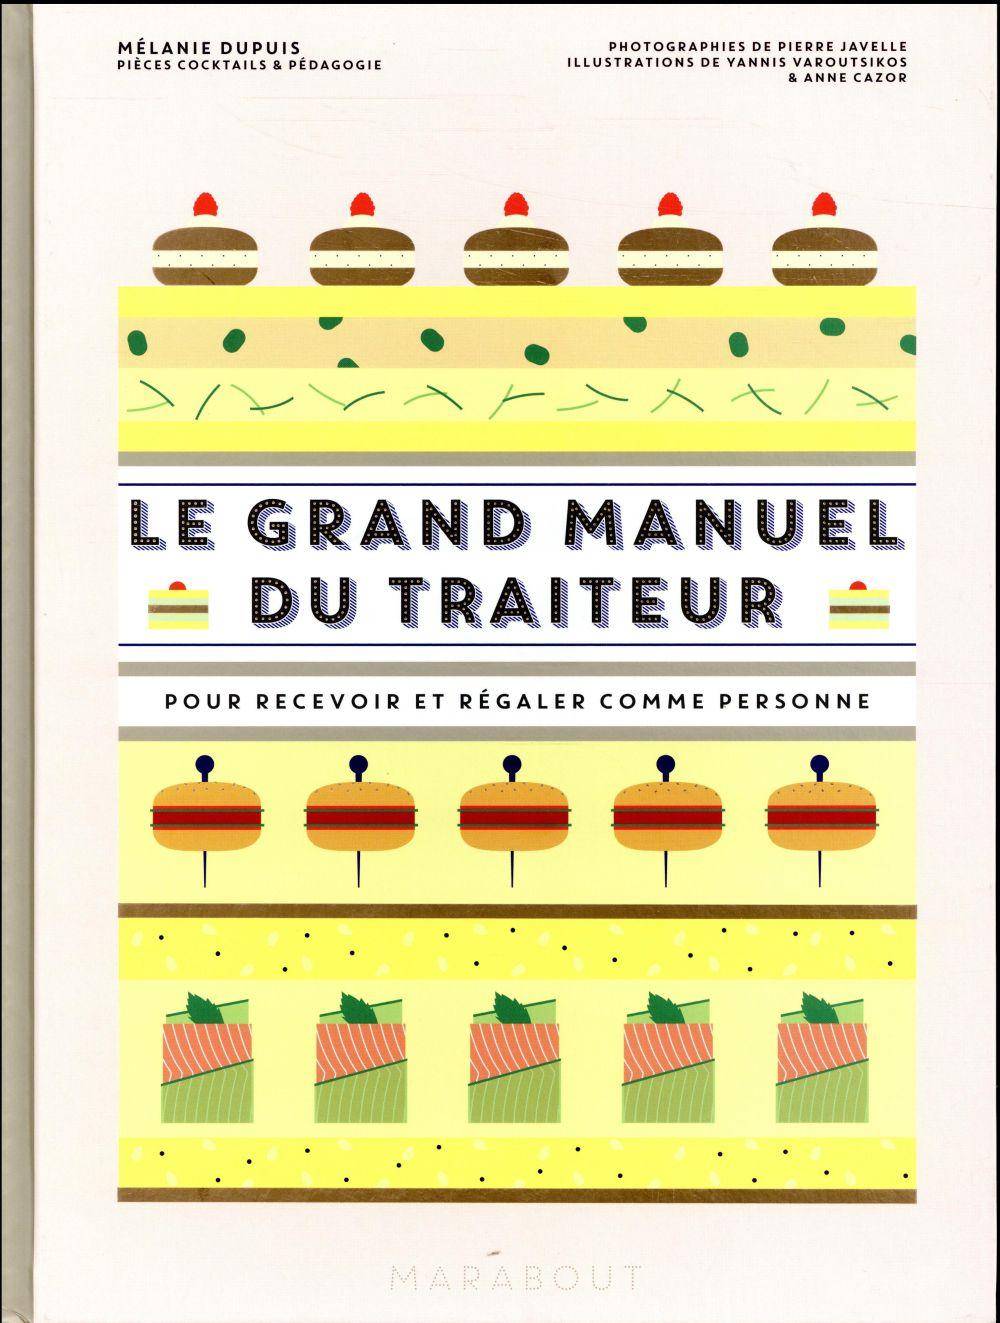 LE GRAND MANUEL DU TRAITEUR DUPUIS / VAROUTSIKOS / CAZOR MARABOUT